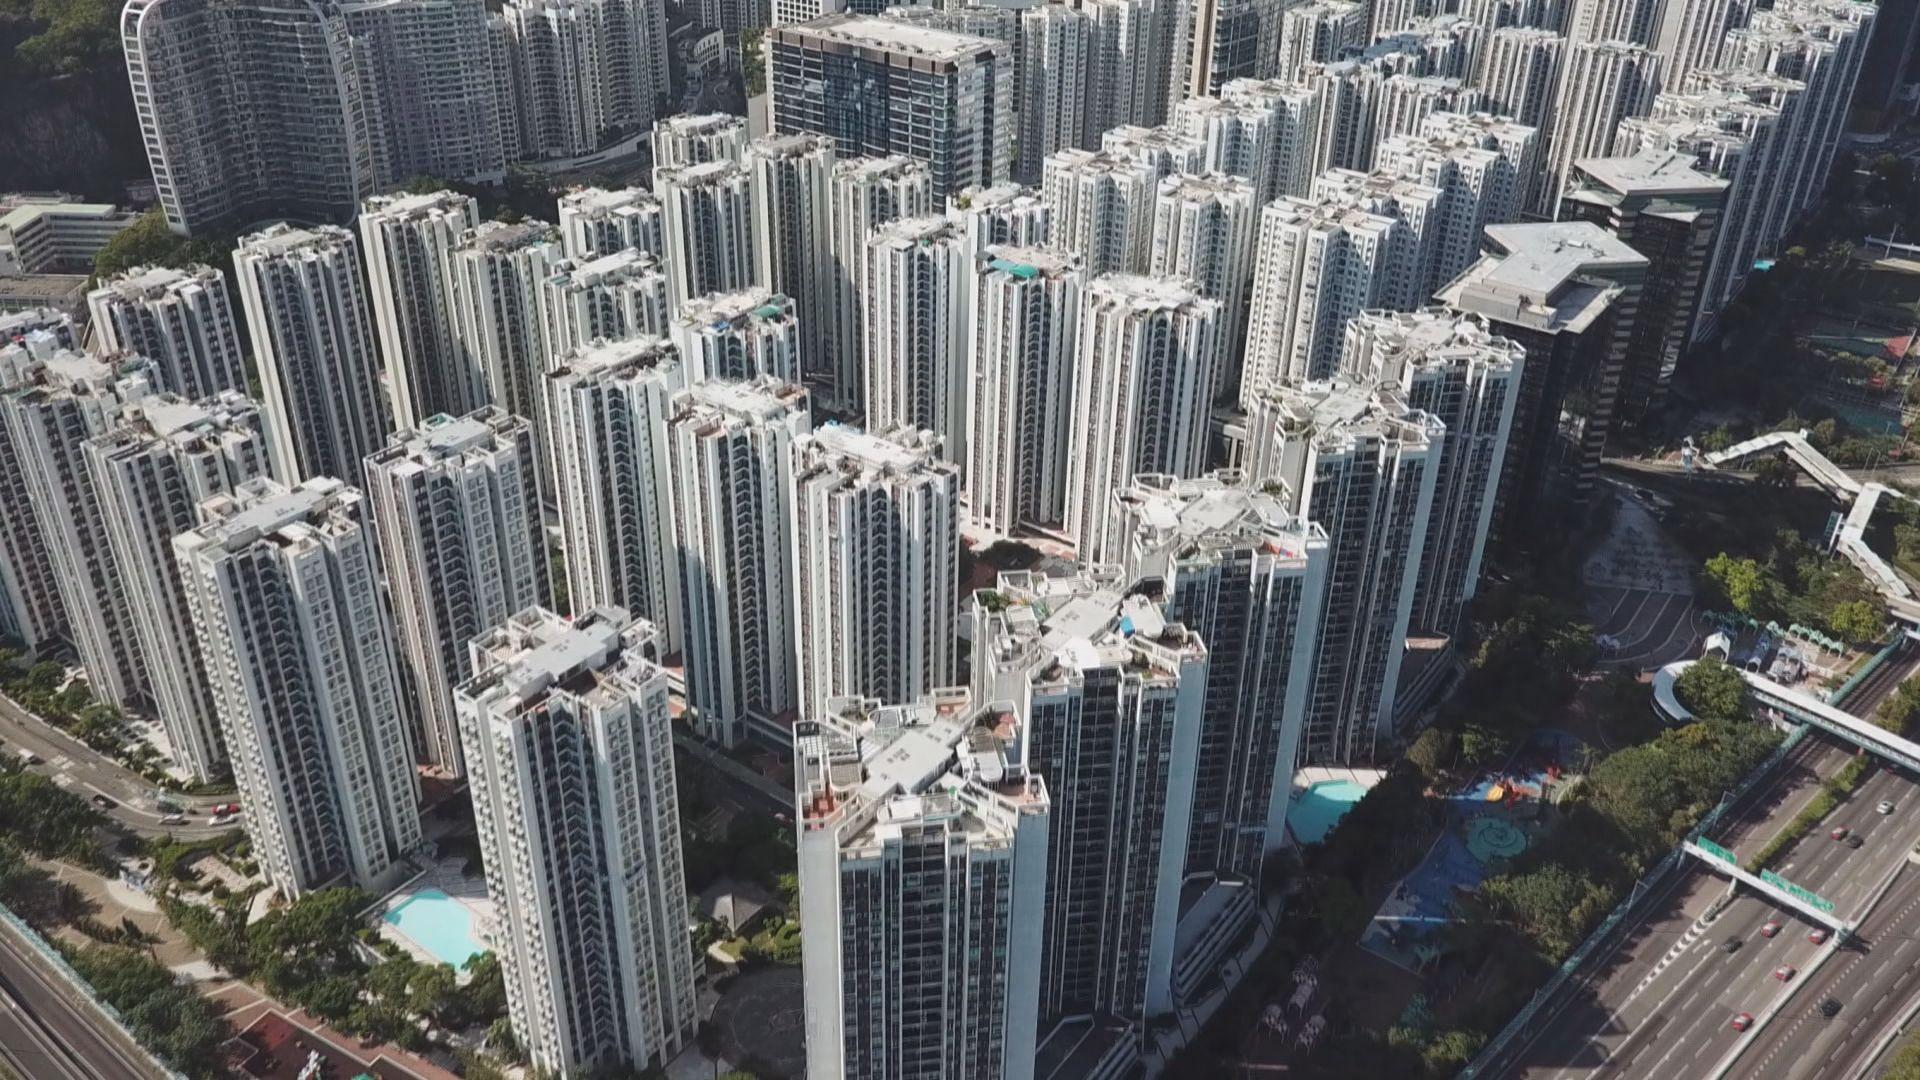 【樓市前景未明】樓價兩周累跌近2.5%